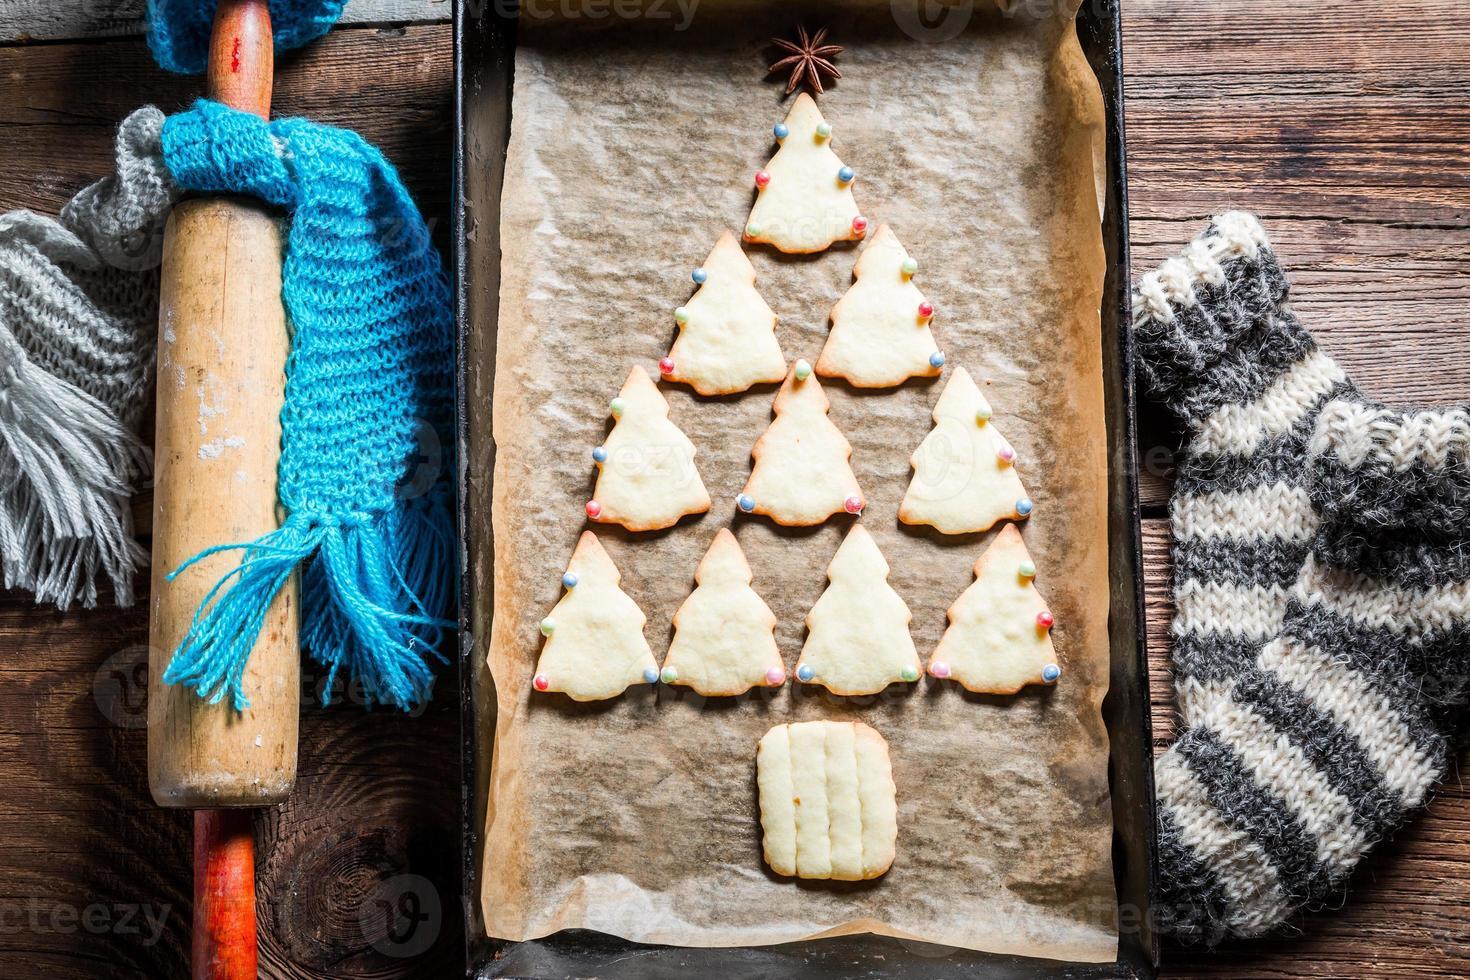 dulce árbol de navidad arreglado con galletas de jengibre foto